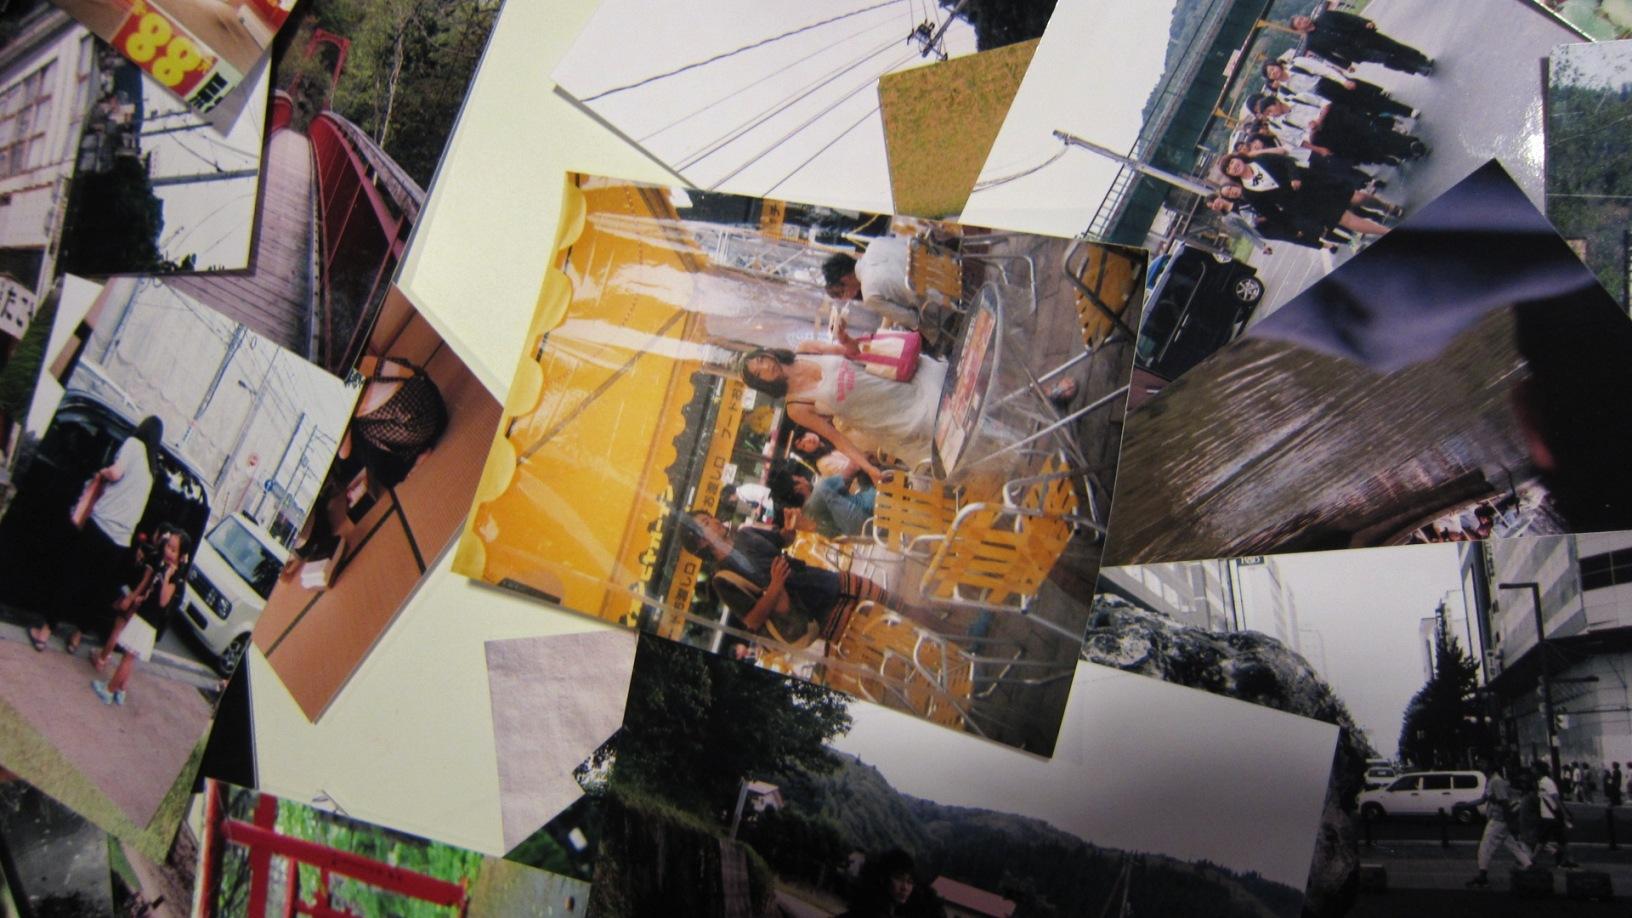 2500)「チカホで、100枚のスナップ写真を見る会 ~外崎うらん の場合」チカホ 終了・3月27日(日) 16:00~_f0126829_2222699.jpg